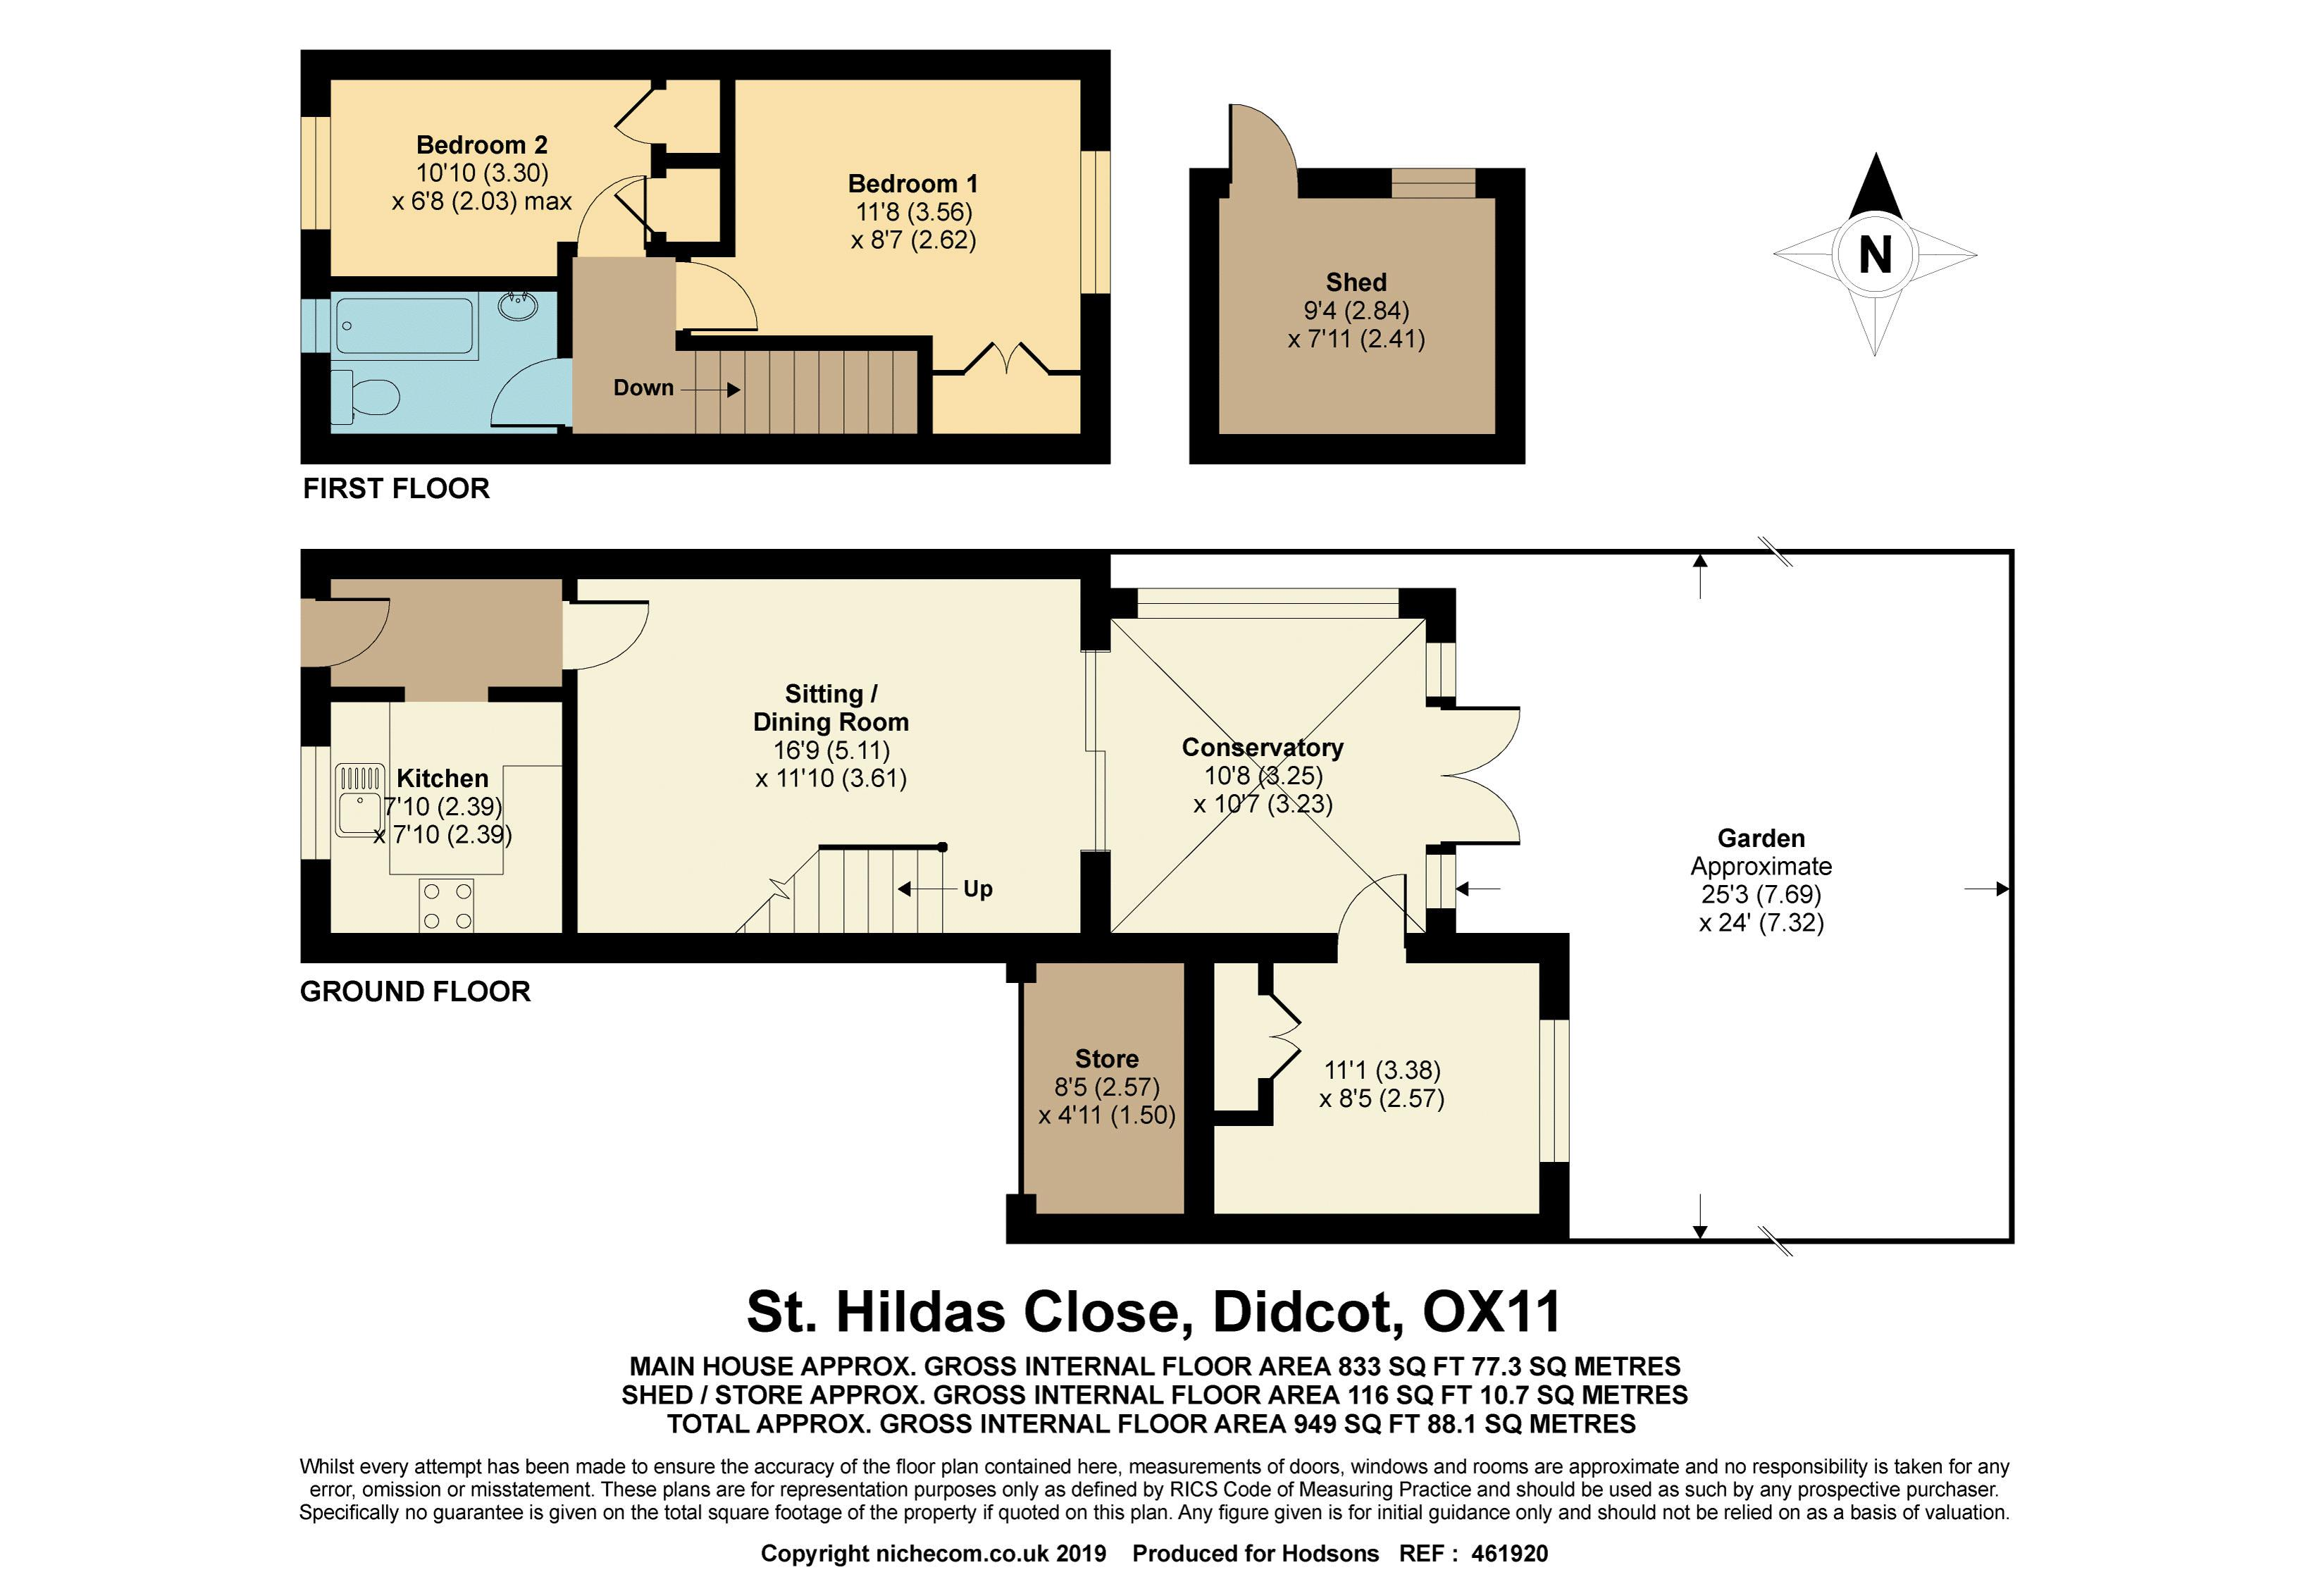 St. Hildas Close